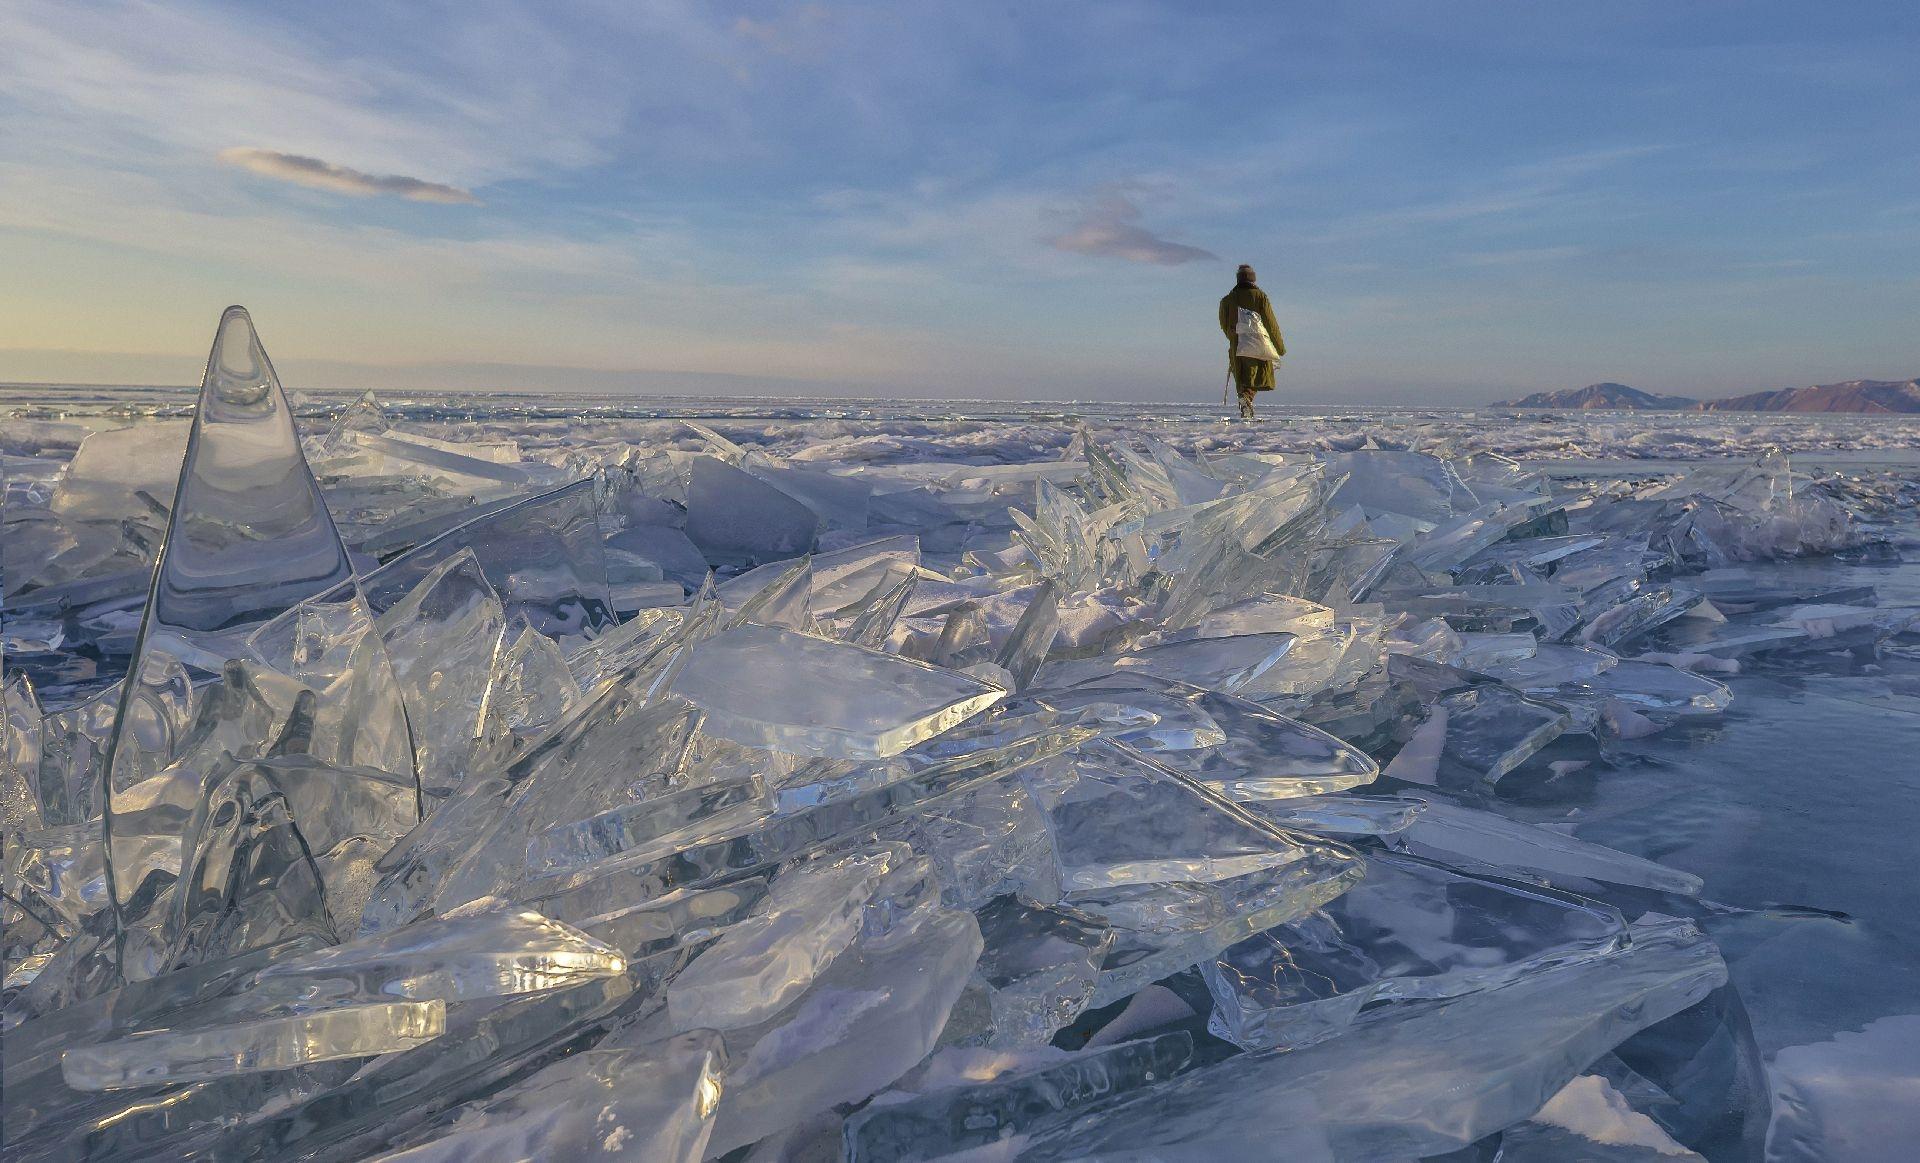 地方組〈極凍世界〉陳鈺山   臺灣│俄羅斯貝加爾湖是全球最大的淡水湖,深度可達大約1600公尺,占全球淡水儲存量的六分之一。每年2月到4月時湖面會結冰,身歷其境就能體會大自然的美與奧妙。